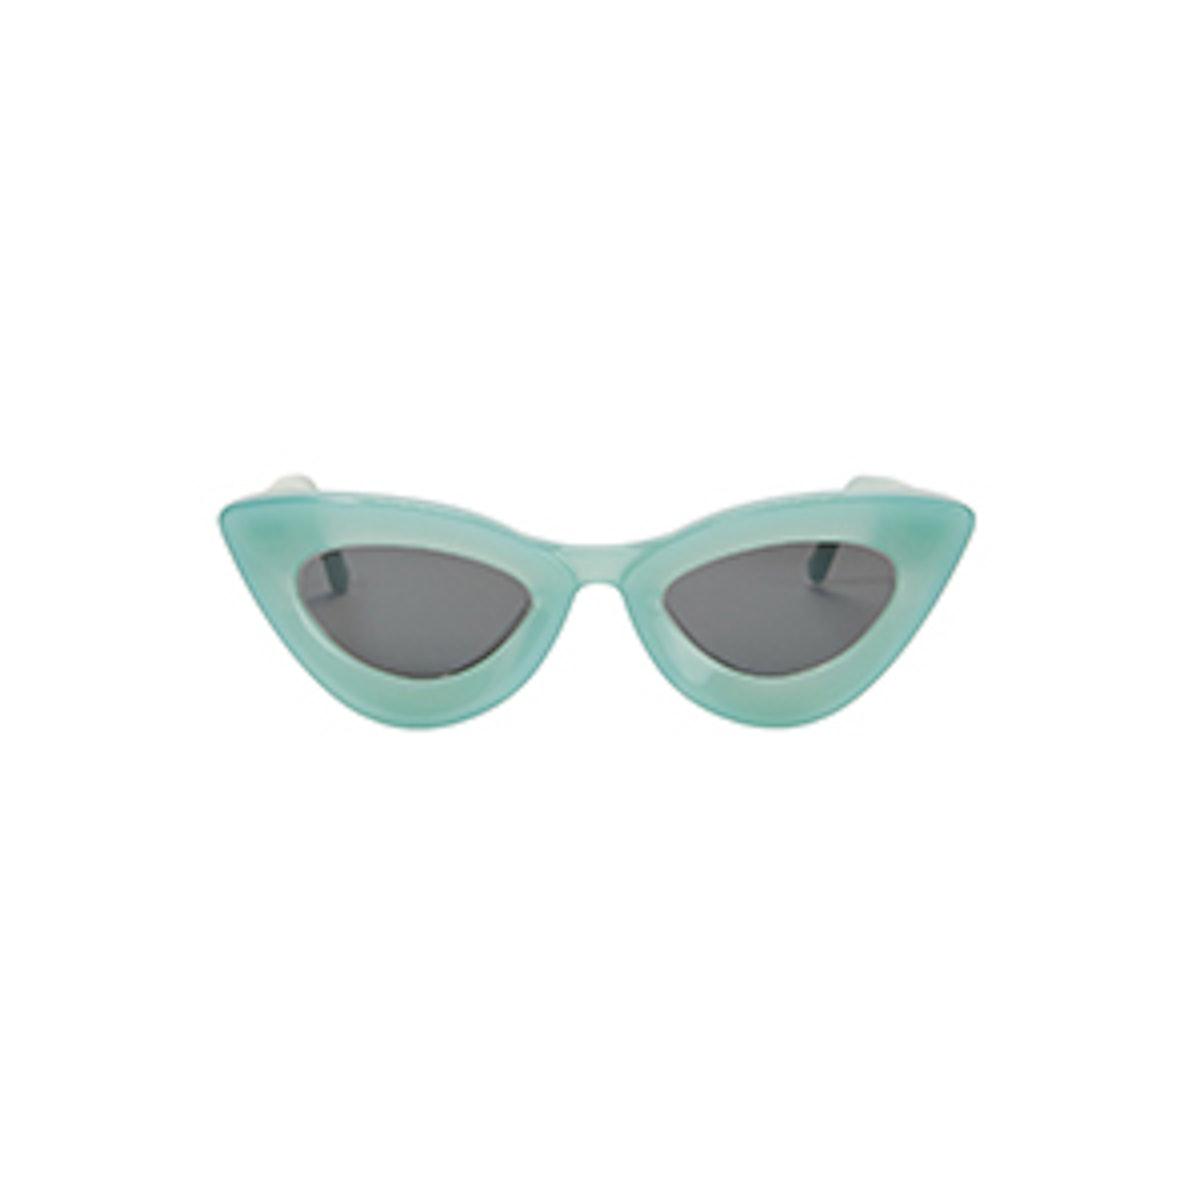 Iemall Green Cat Eye Sunglasses